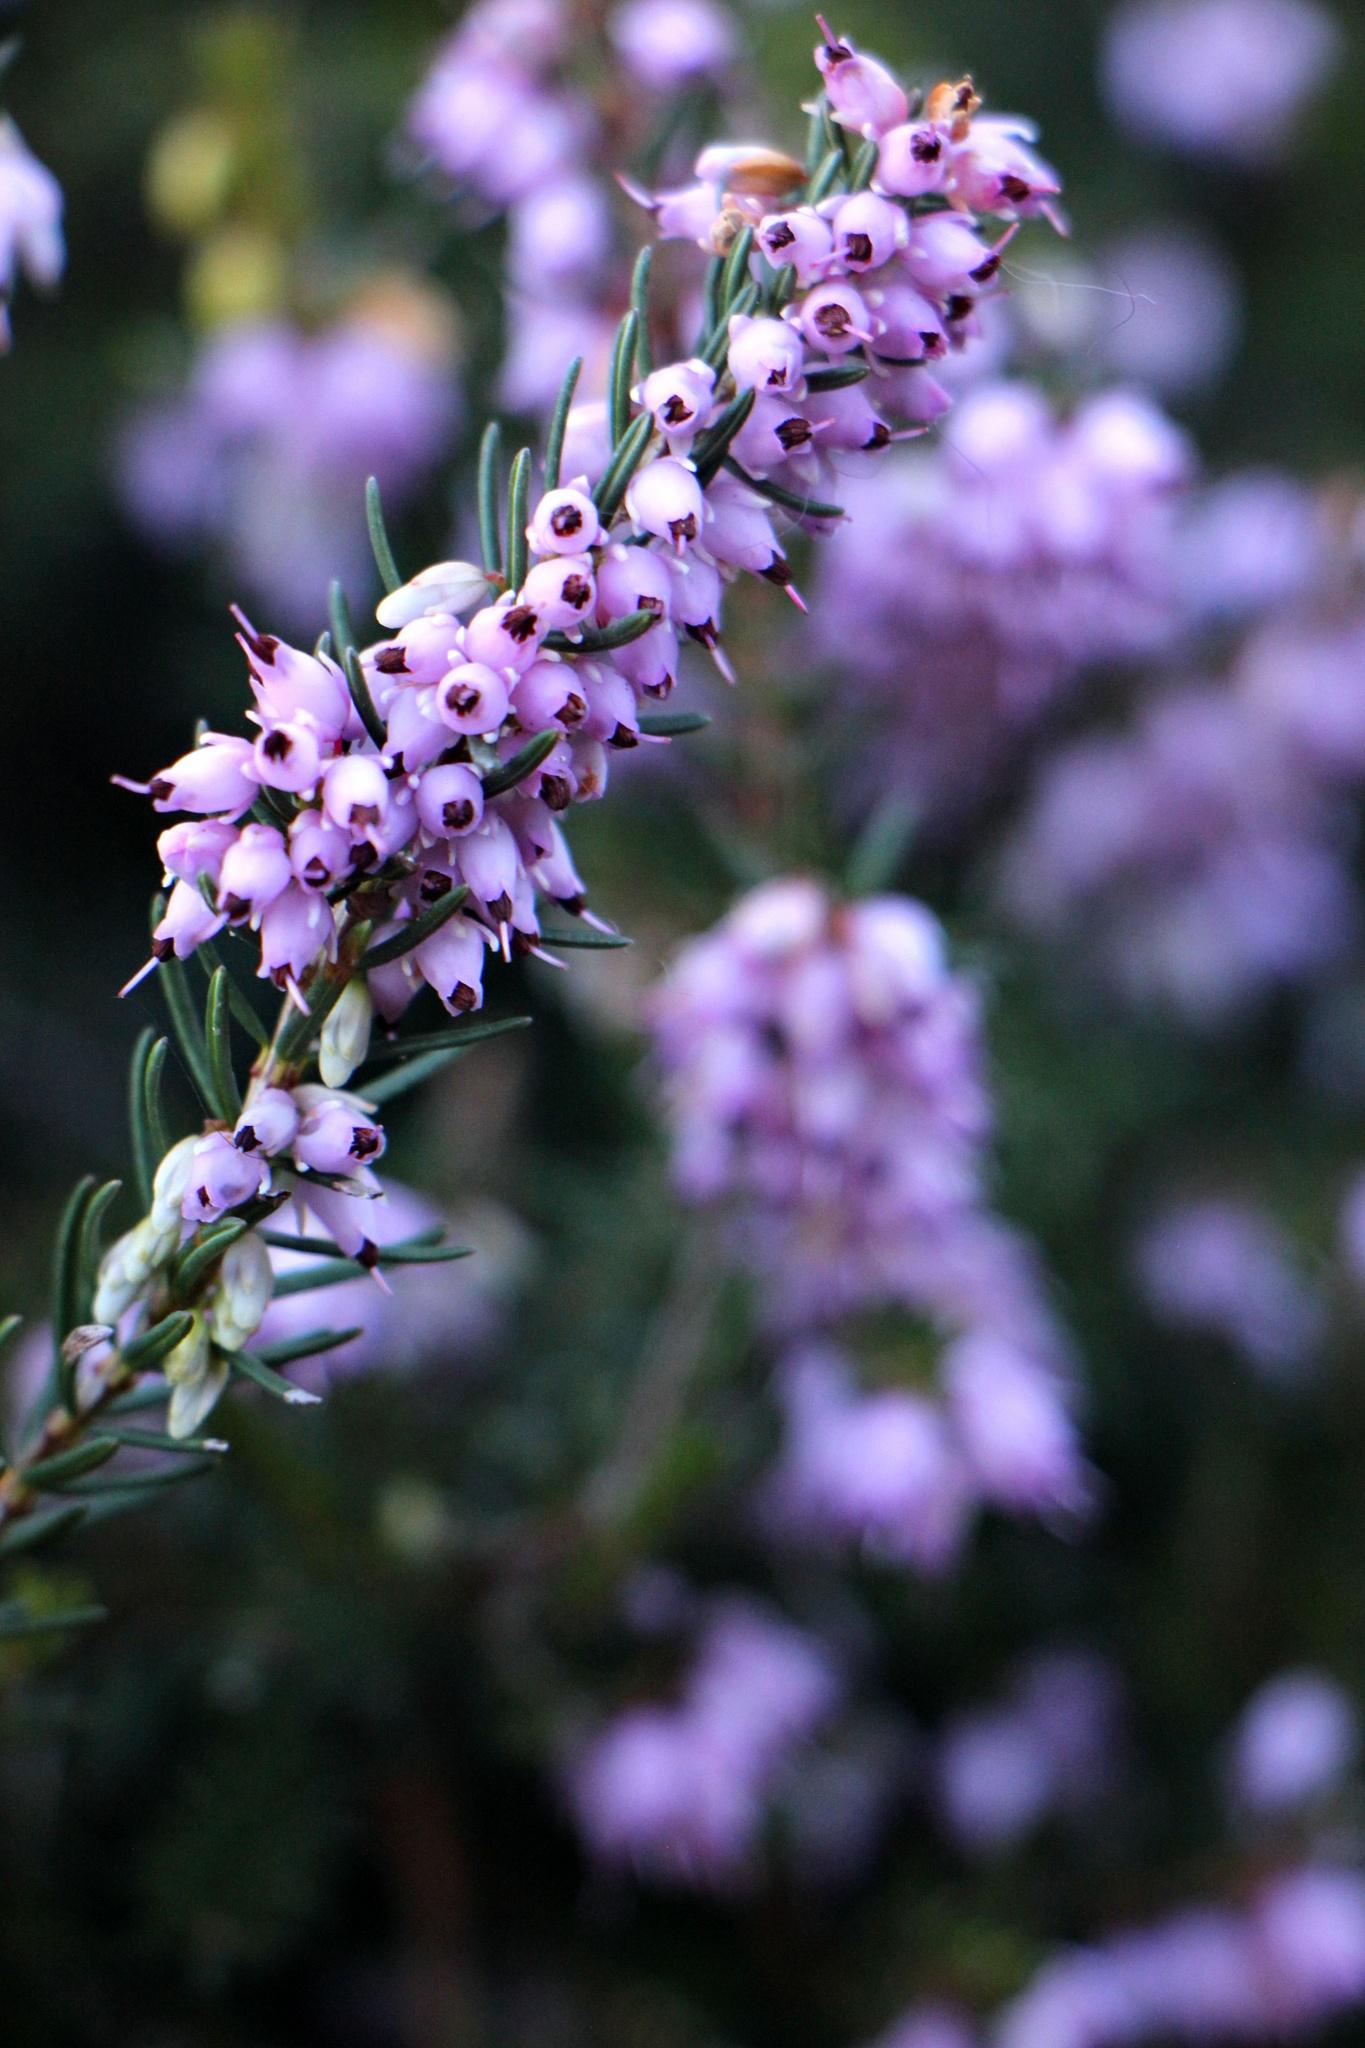 Little Purple Flowers by Mend30012